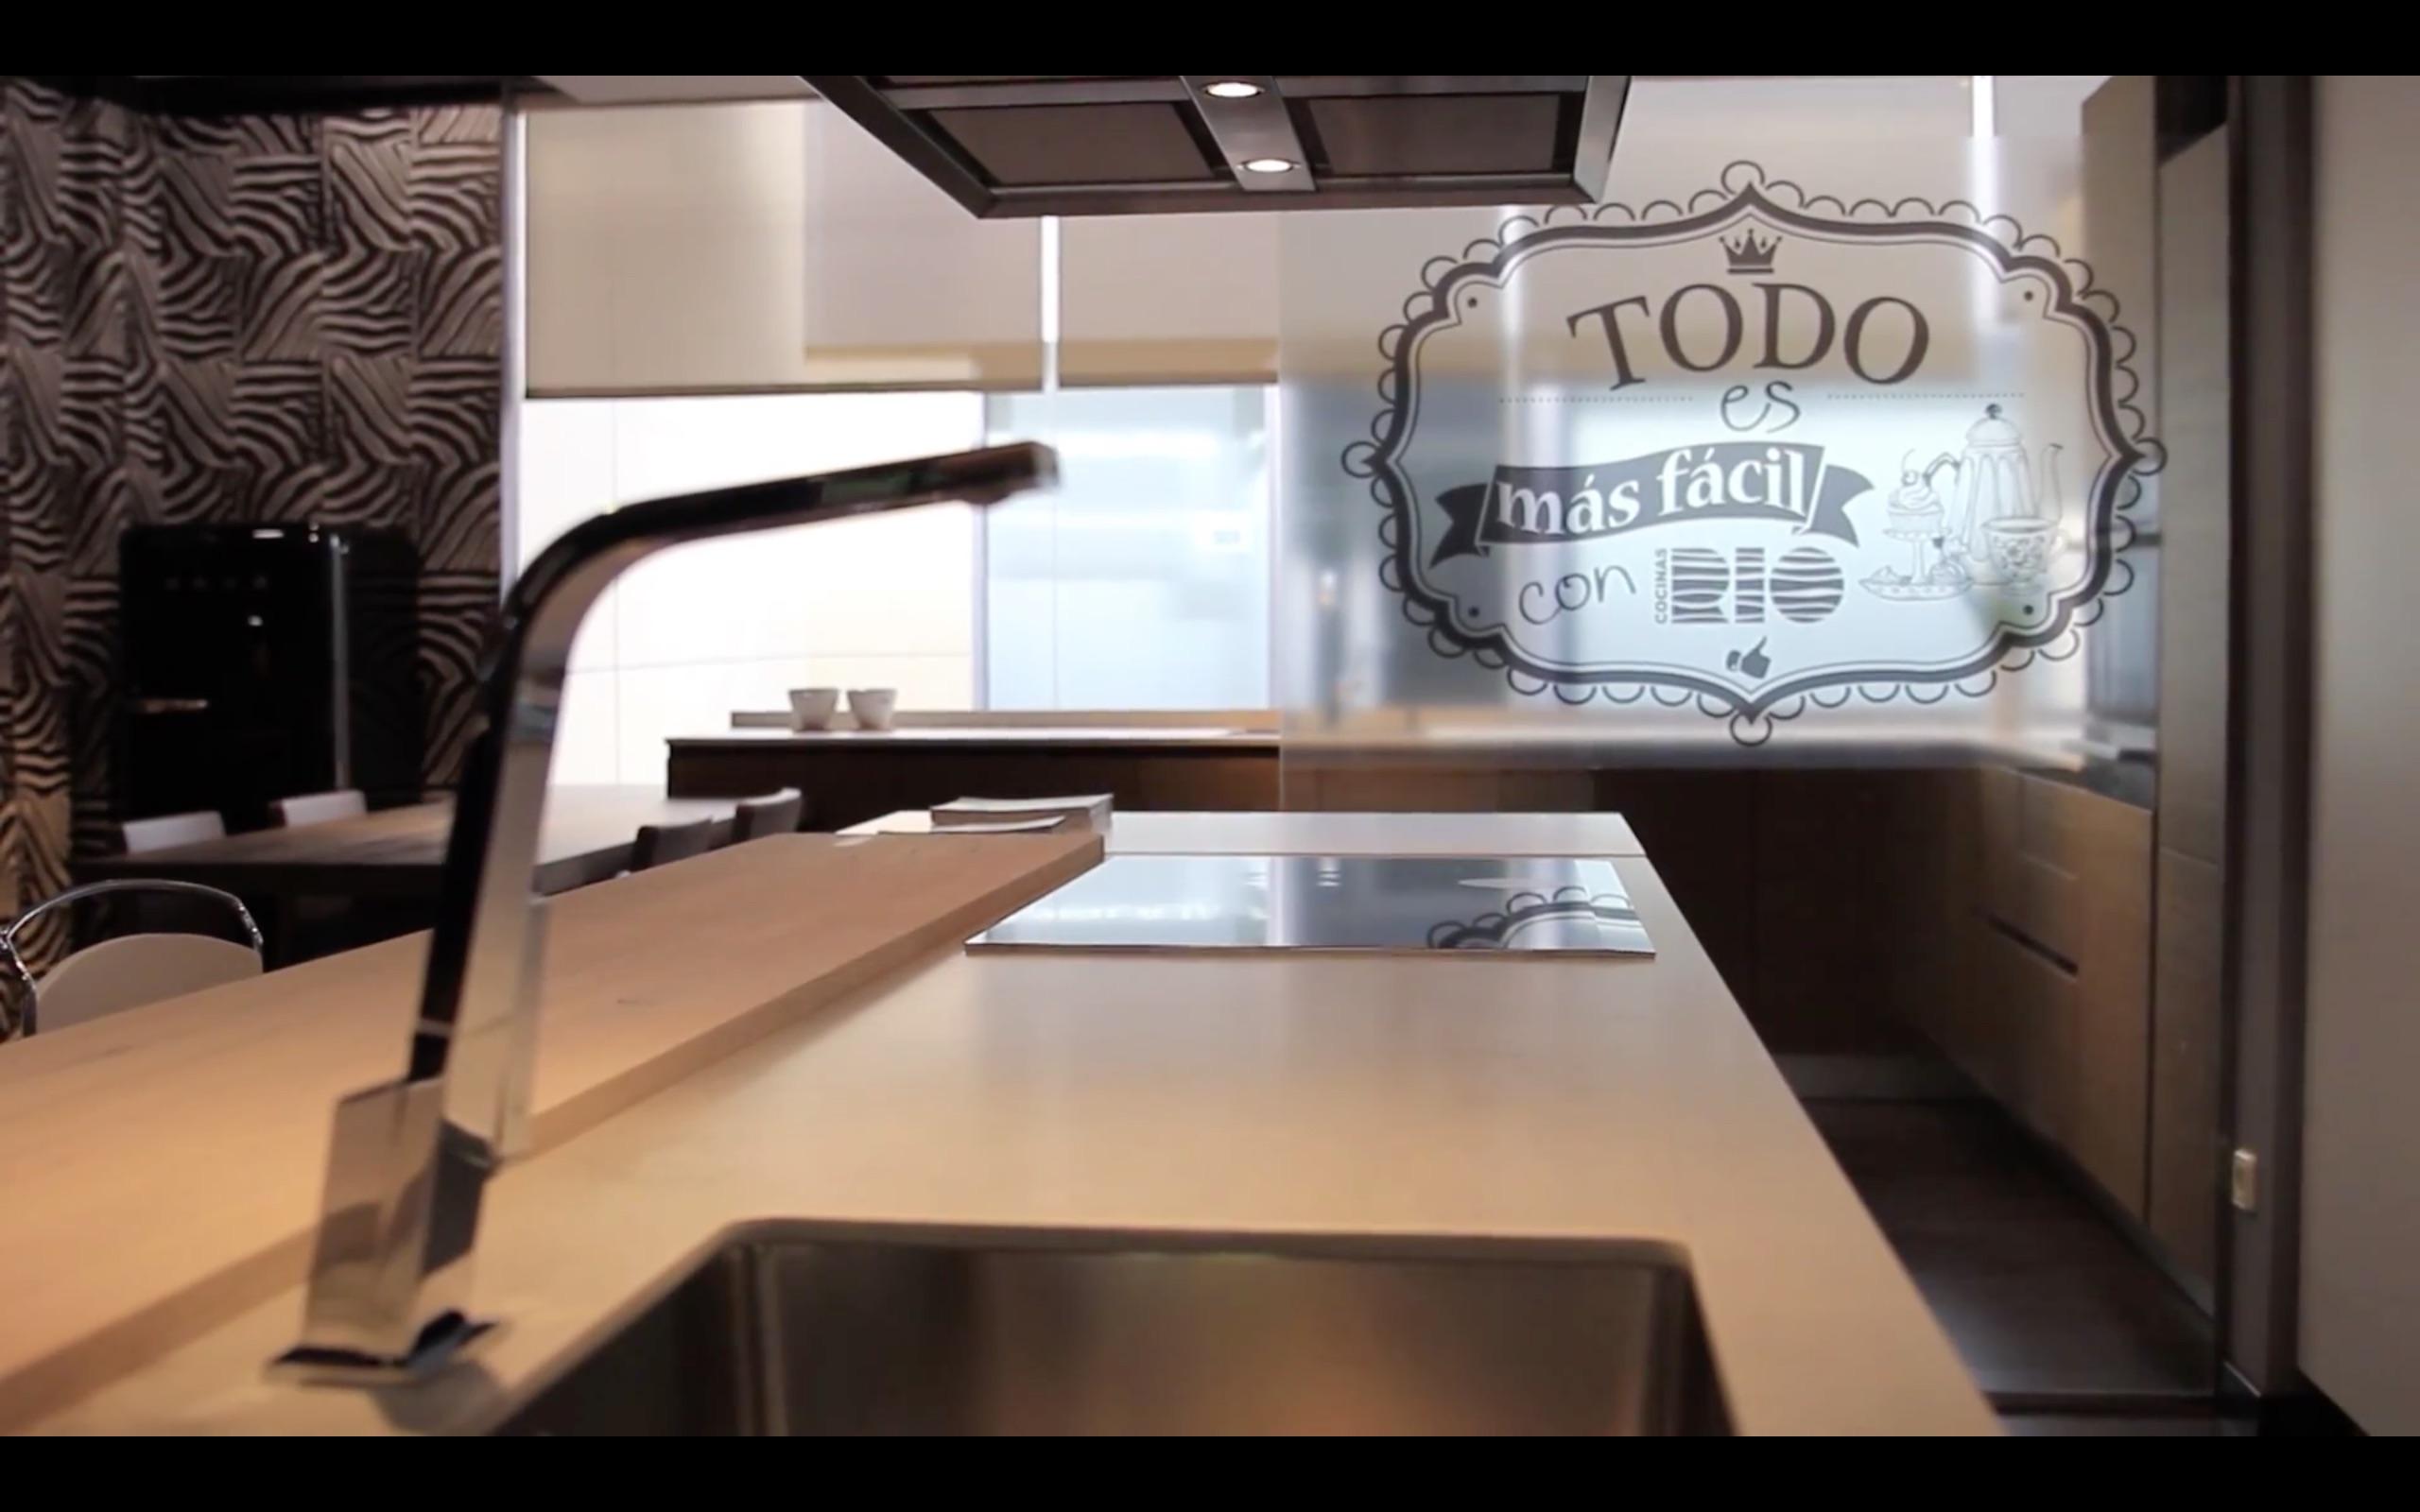 Cocinas Rio - Evento Cocina en Vivo